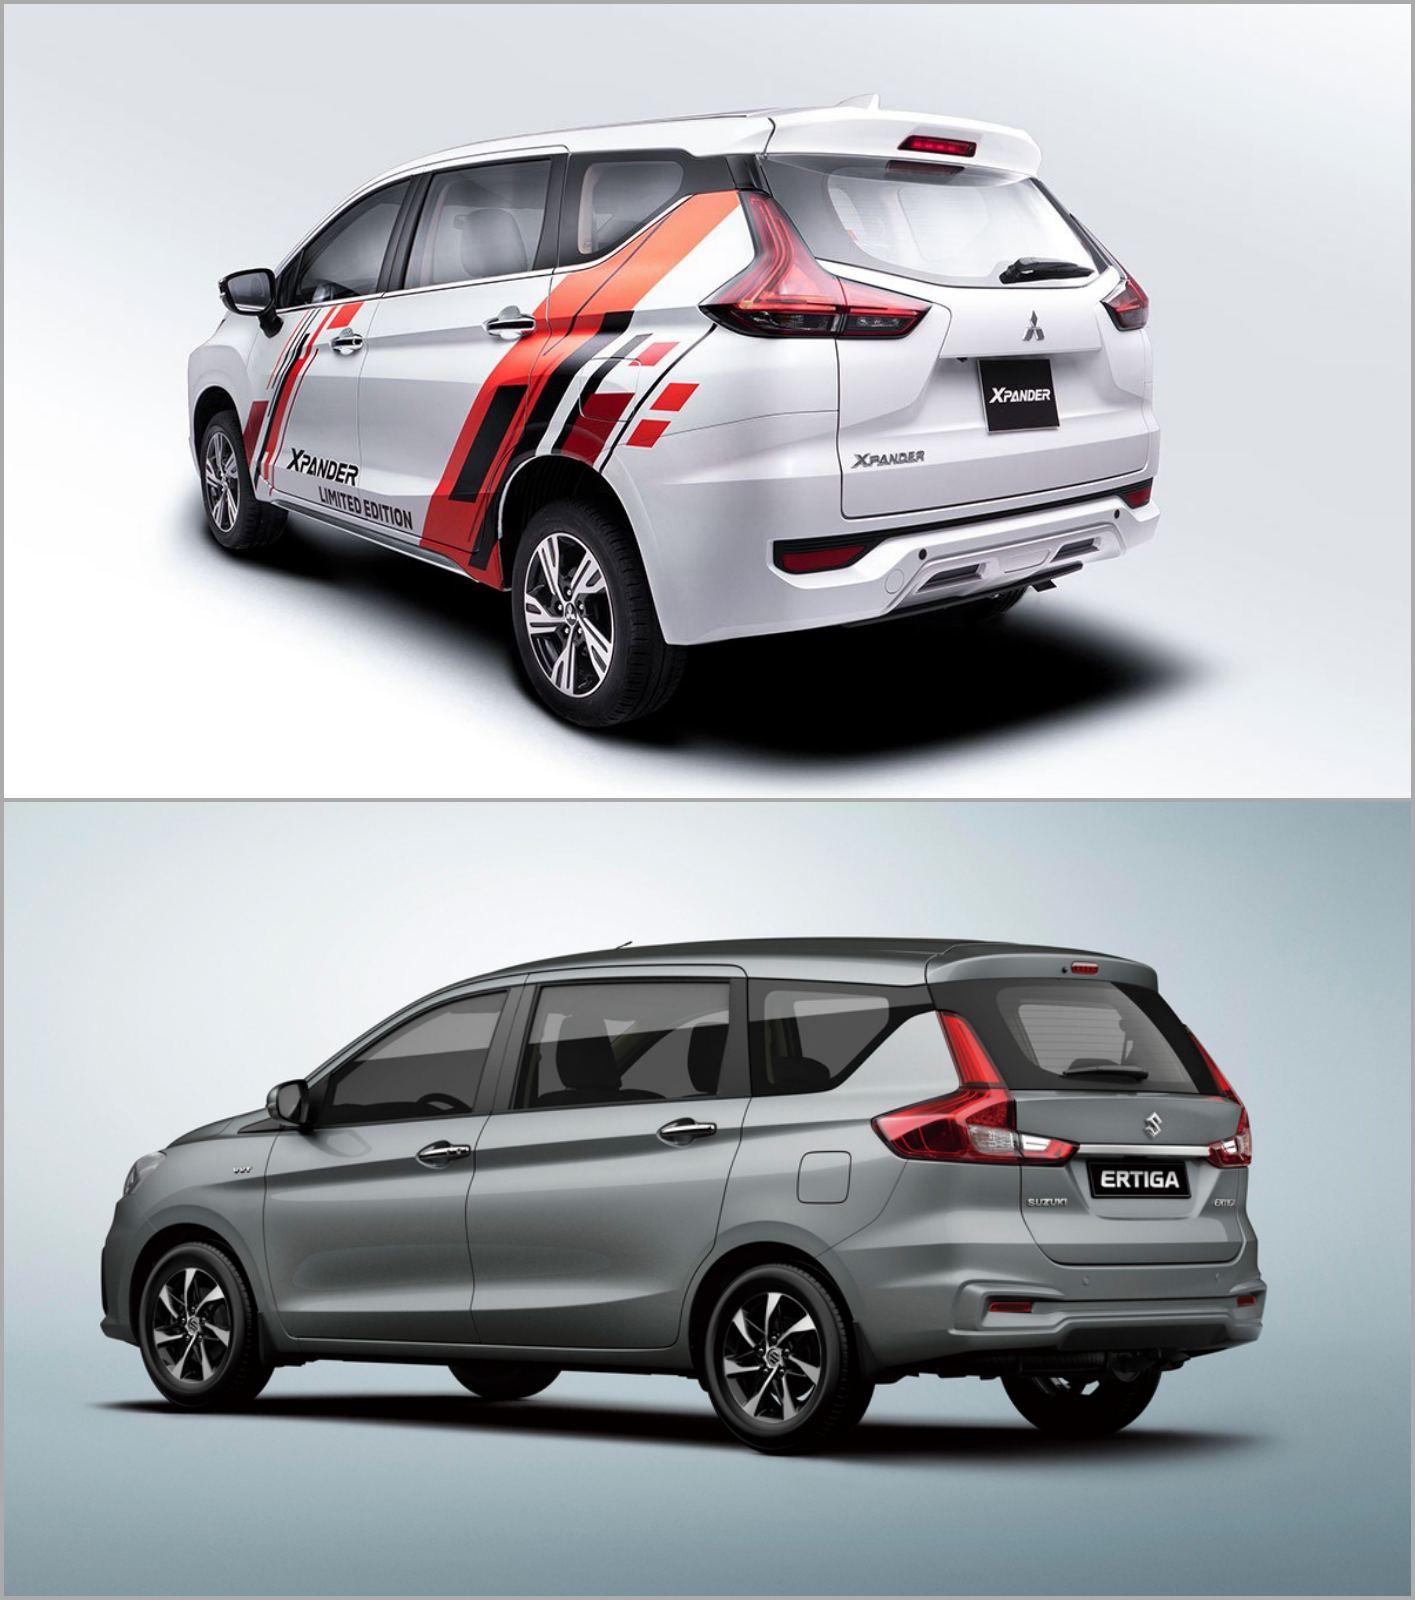 Mitsubishi-Xpander-ban-dac-biet-hay-Suzuki-Ertiga-Sport-anh-10.jpg